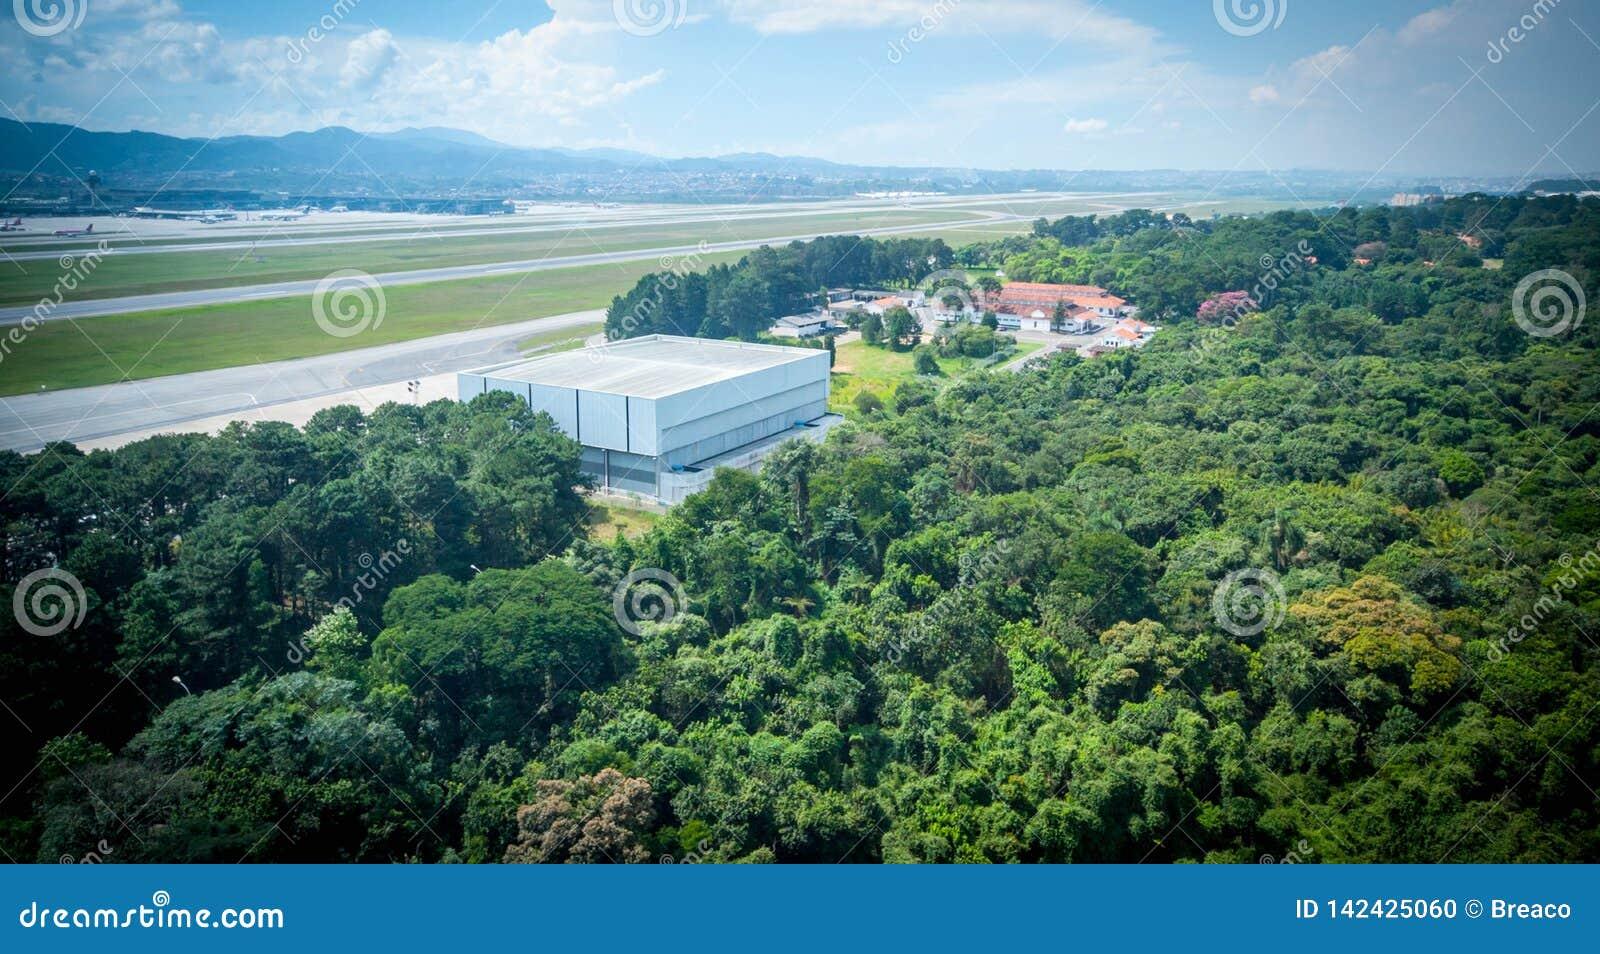 Überflug in Hubschrauber São Paulo Brazil congonhas Flughafen